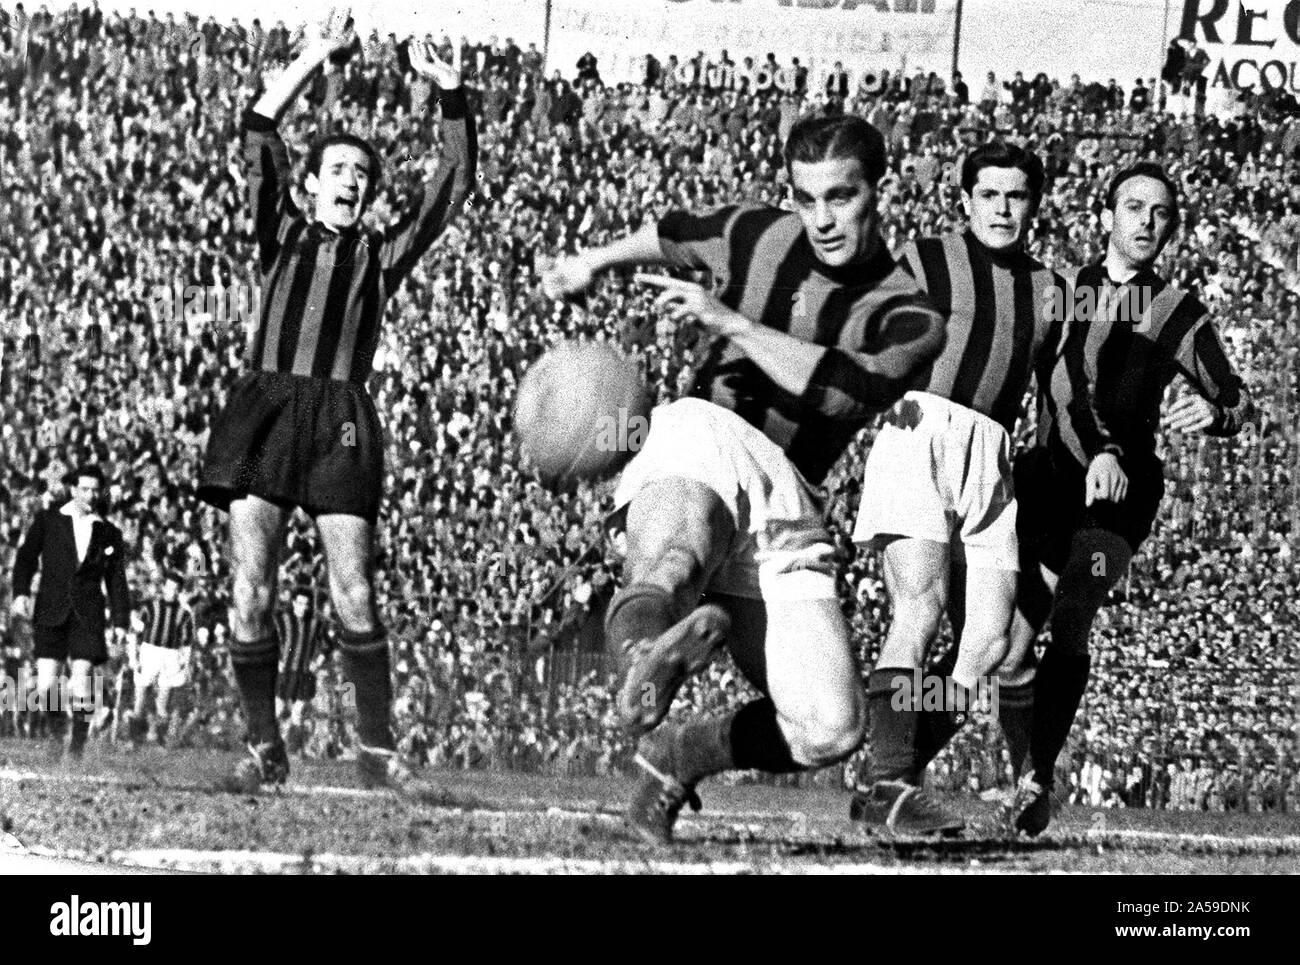 De Milán, del estadio de San Siro, el 25 de marzo de 1951. Gunnar Nordahl Rossonero (centro) marcó el gol decisivo en el derbi de Milán entre Inter y Milán (0-1), válido para la 29ª jornada de la Serie A italiana de 1950- 51. Foto de stock